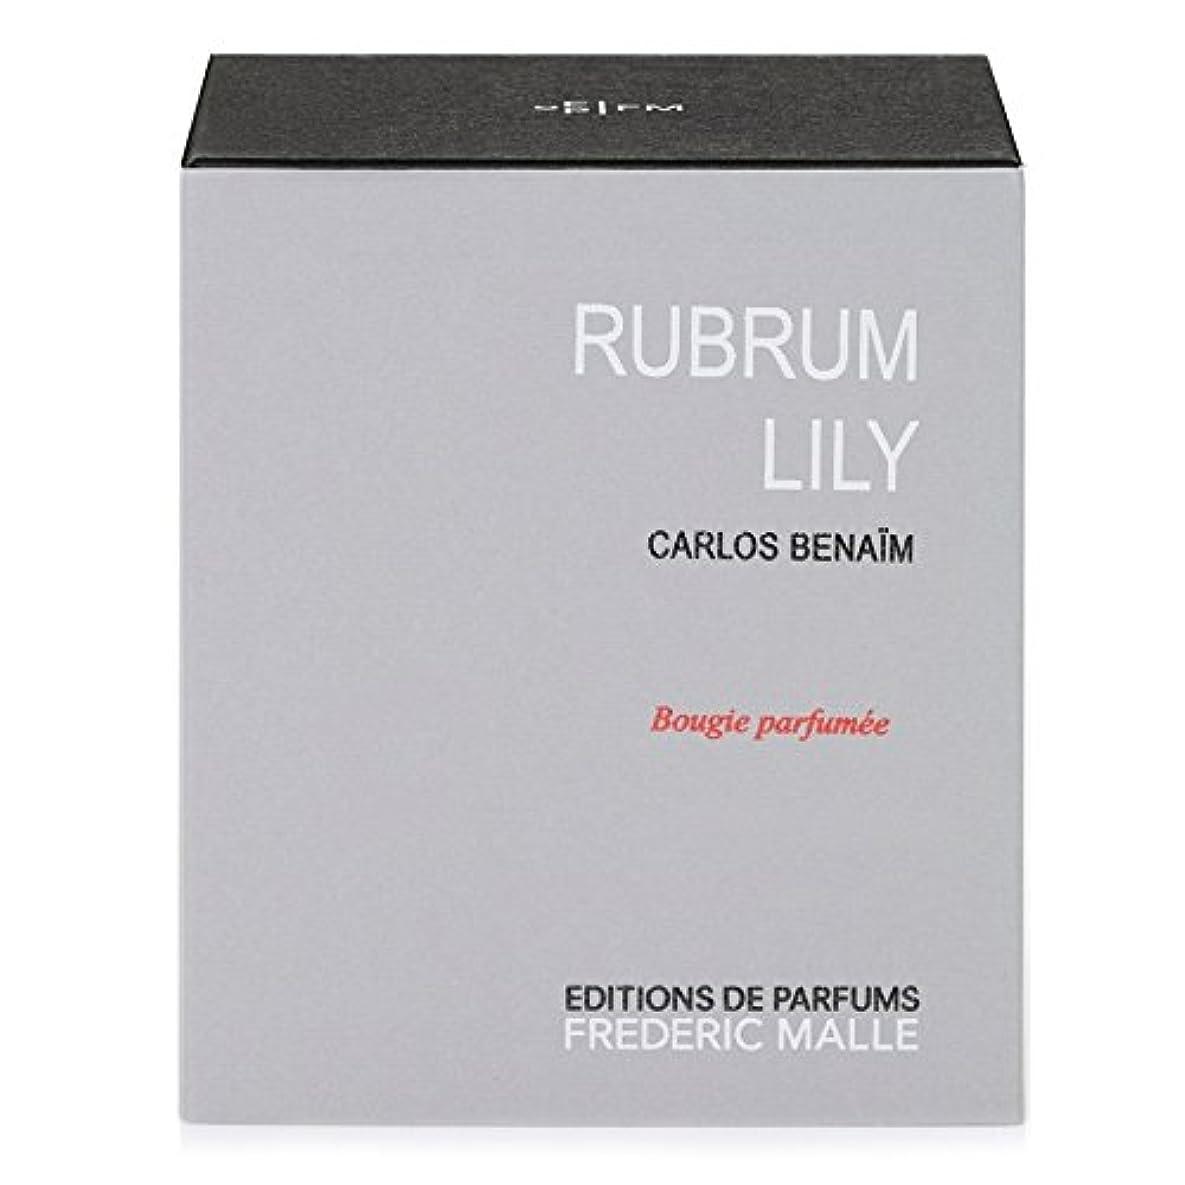 本を読む解釈コンテンポラリーFrederic Malle Rubrum Lily Scented Candle (Pack of 4) - フレデリック?マルルブルムユリの香りのキャンドル x4 [並行輸入品]